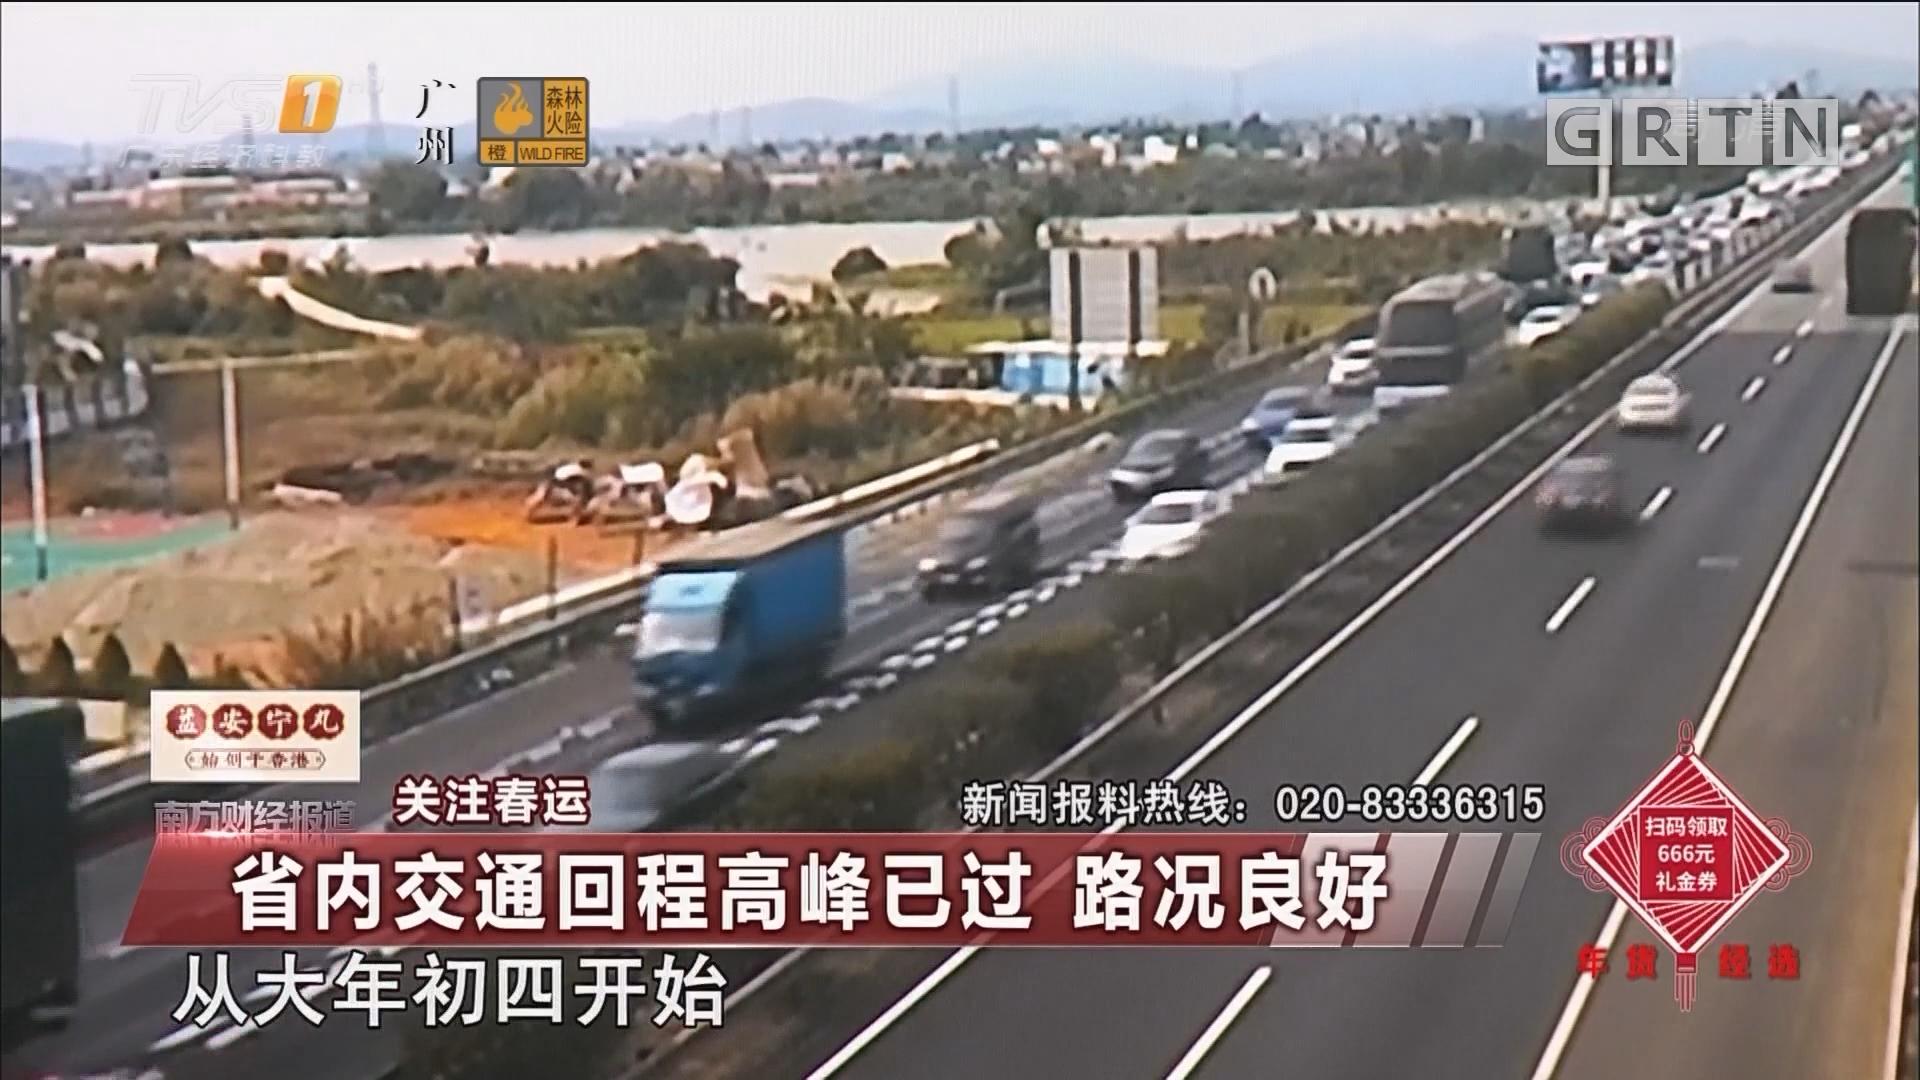 关注春运:省内交通回程高峰已过 路况良好